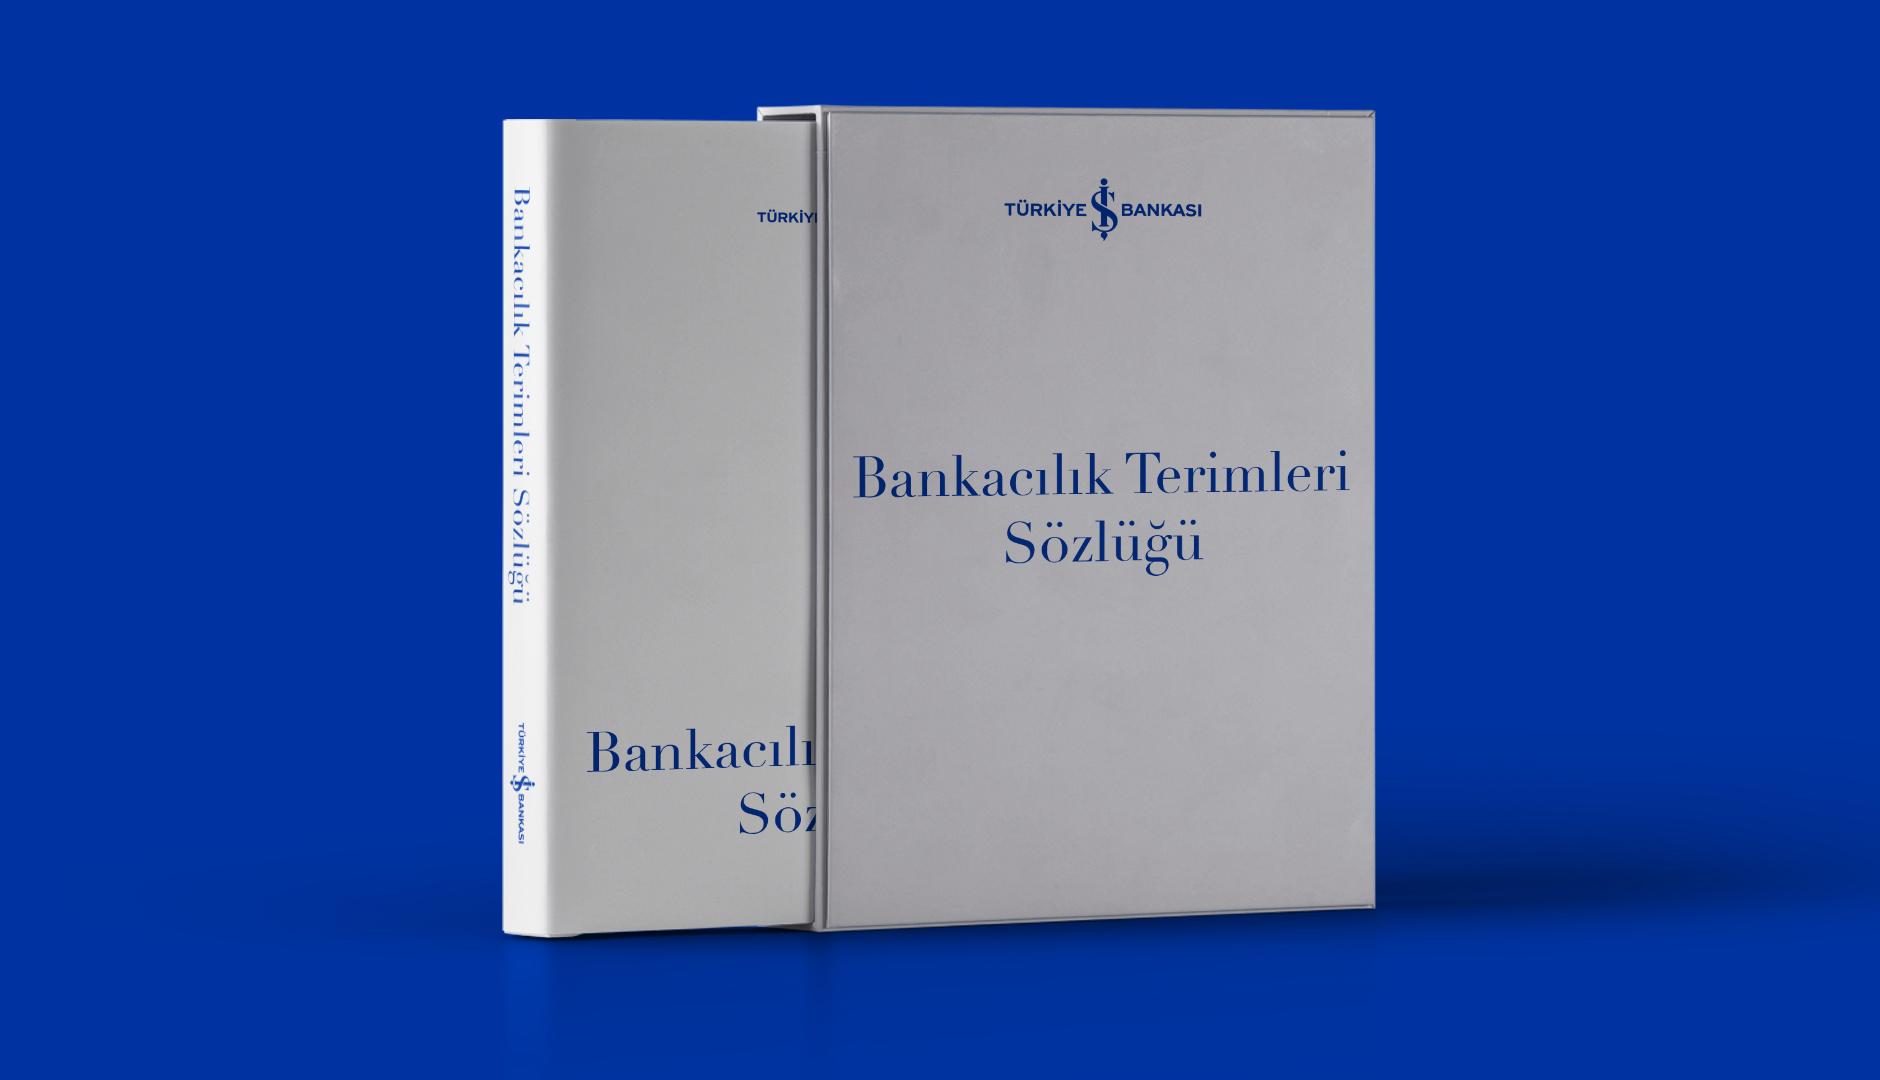 Türkiye İş Bankası - Bankacılık Terimleri Sözlüğü